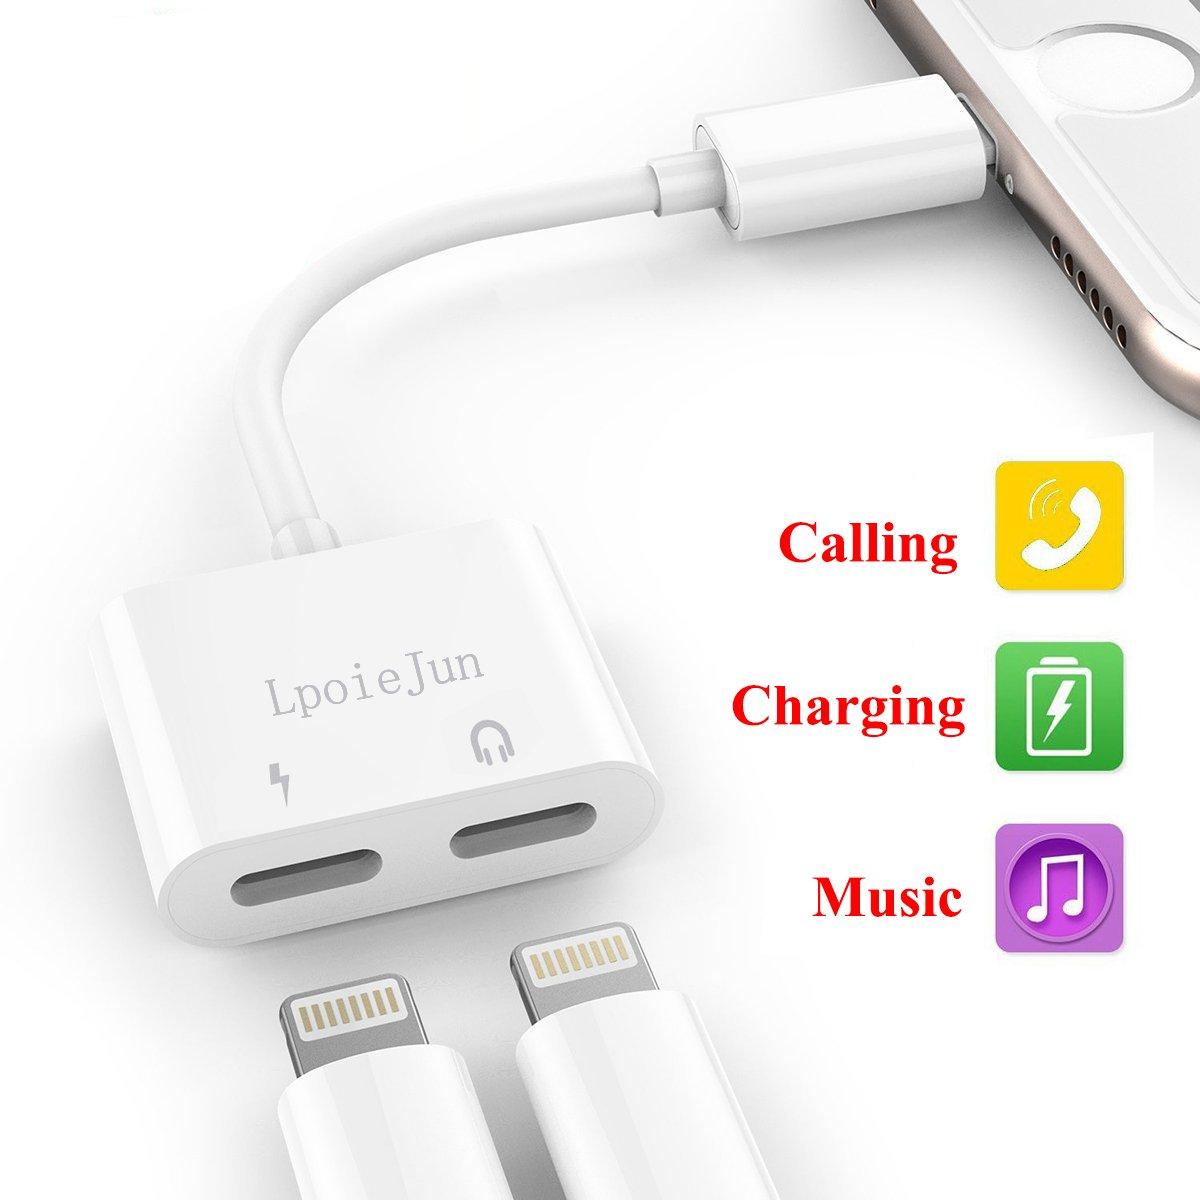 Dual adattatore Lightning per iPhone x, iPhone 8/8 Plus, iPhone 7/7 Plus ,2 in 1 Lightning convertitore. con Call & audio per cuffie e funzione di ricarica Lightning splitter.Compatibile per iOS 10.3/11 (bianco) iPhone 8/8Plu